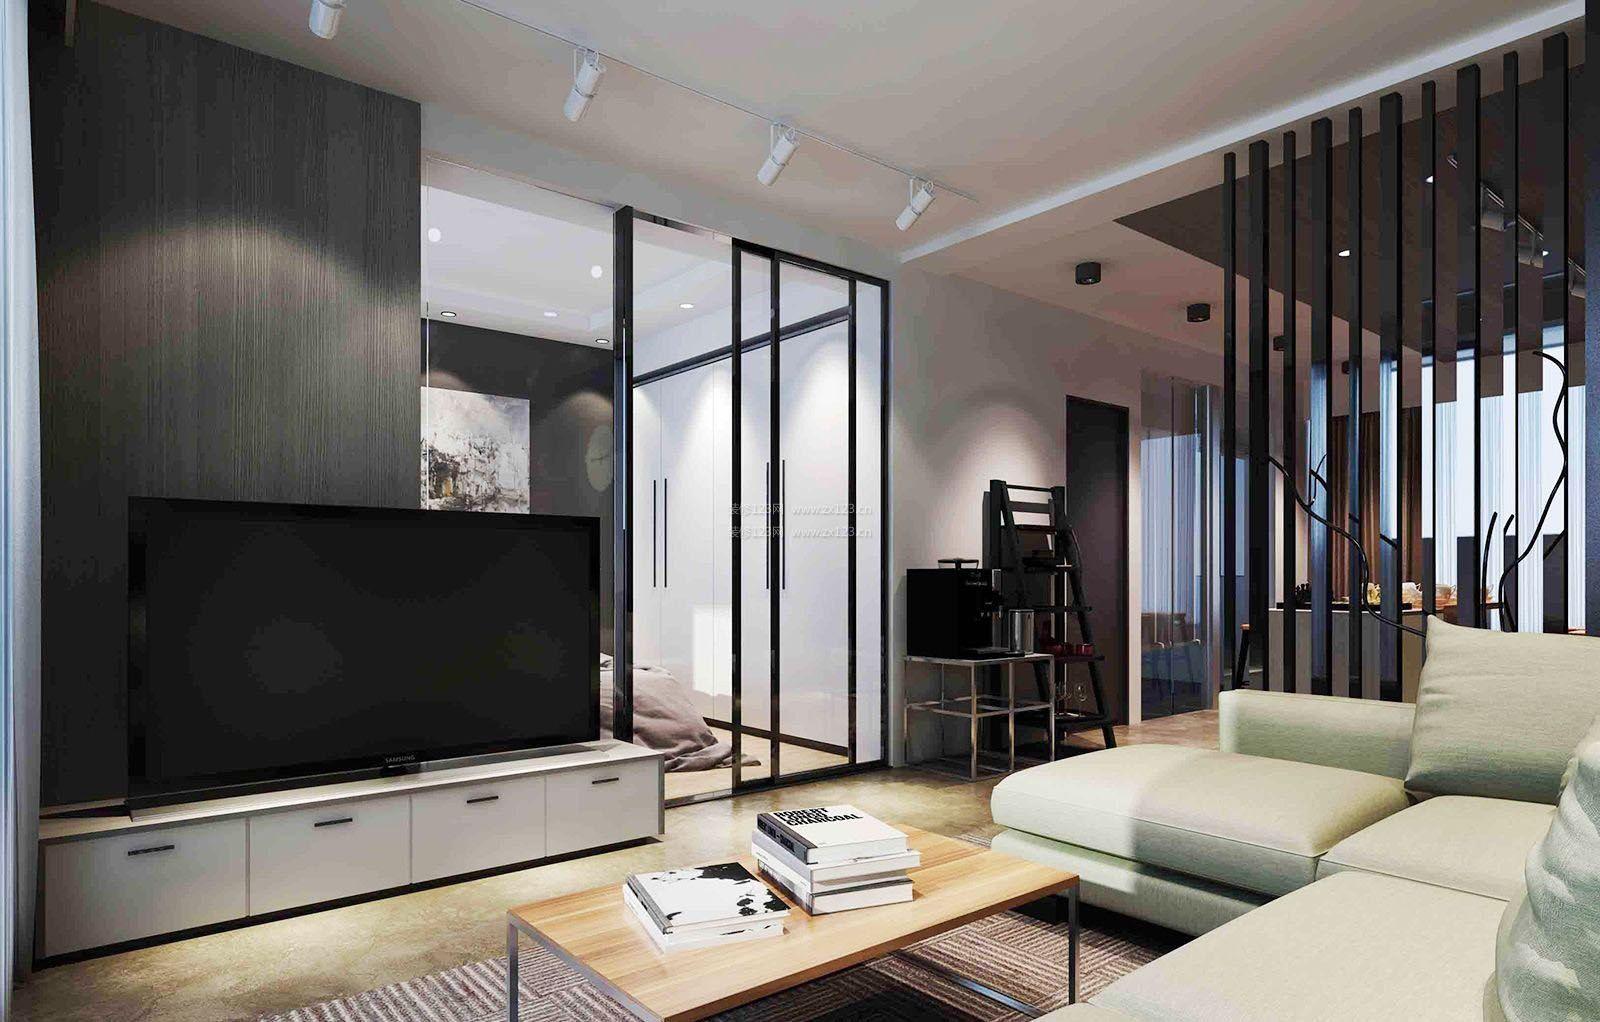 客厅卧室简约隔断玻璃移动门装修效果图